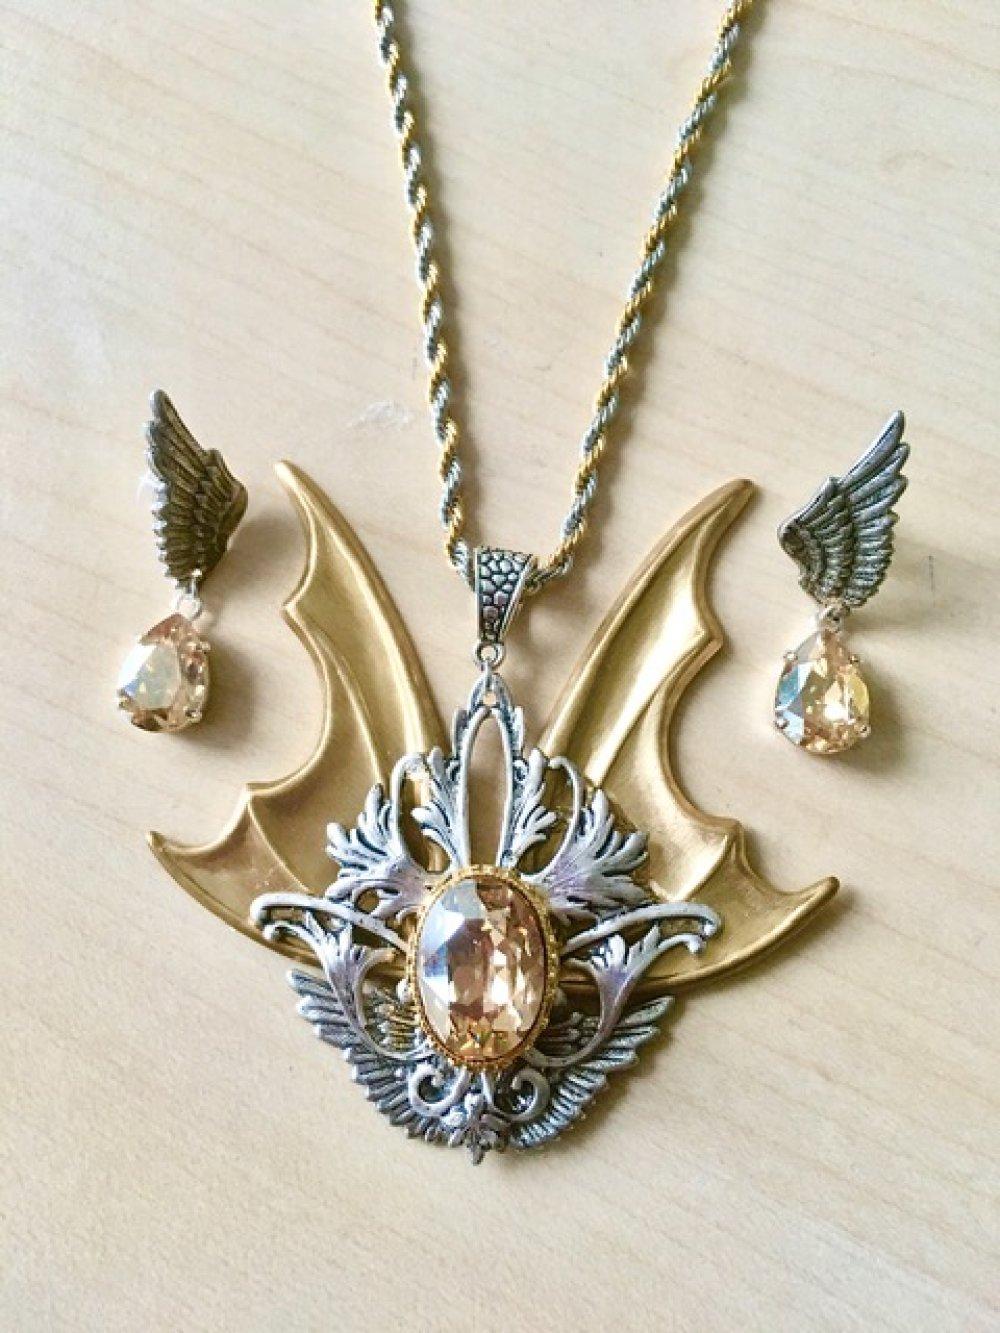 Superbe parure bijoux gothiques victoriens or et argent, avec grandes ailes et cristal Swarovski